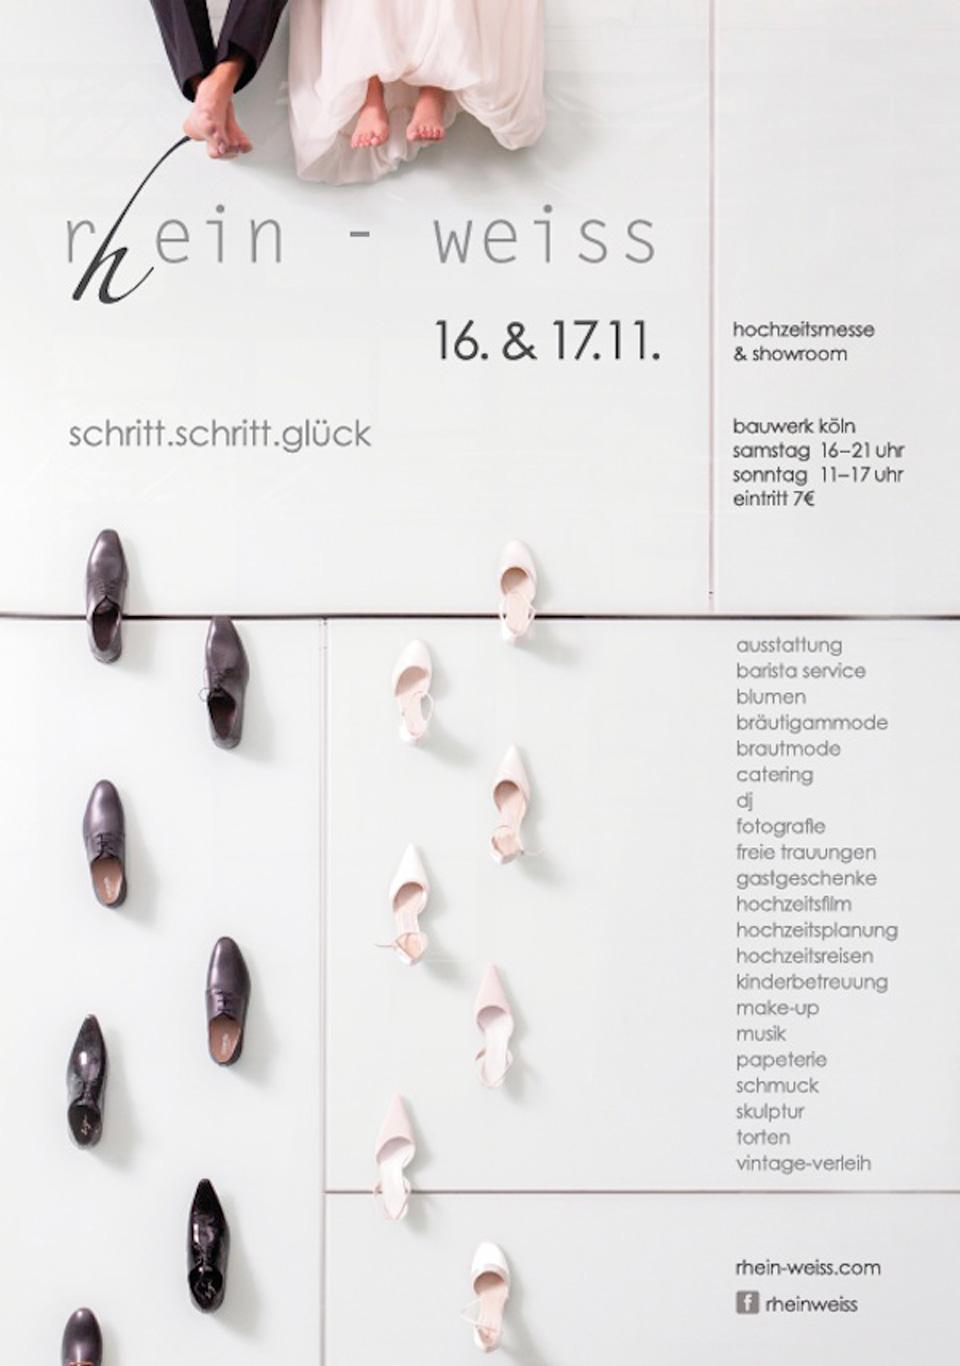 2013-rhein-weiss-Messe-Schritt-Schritt-Glück-Ankündigung